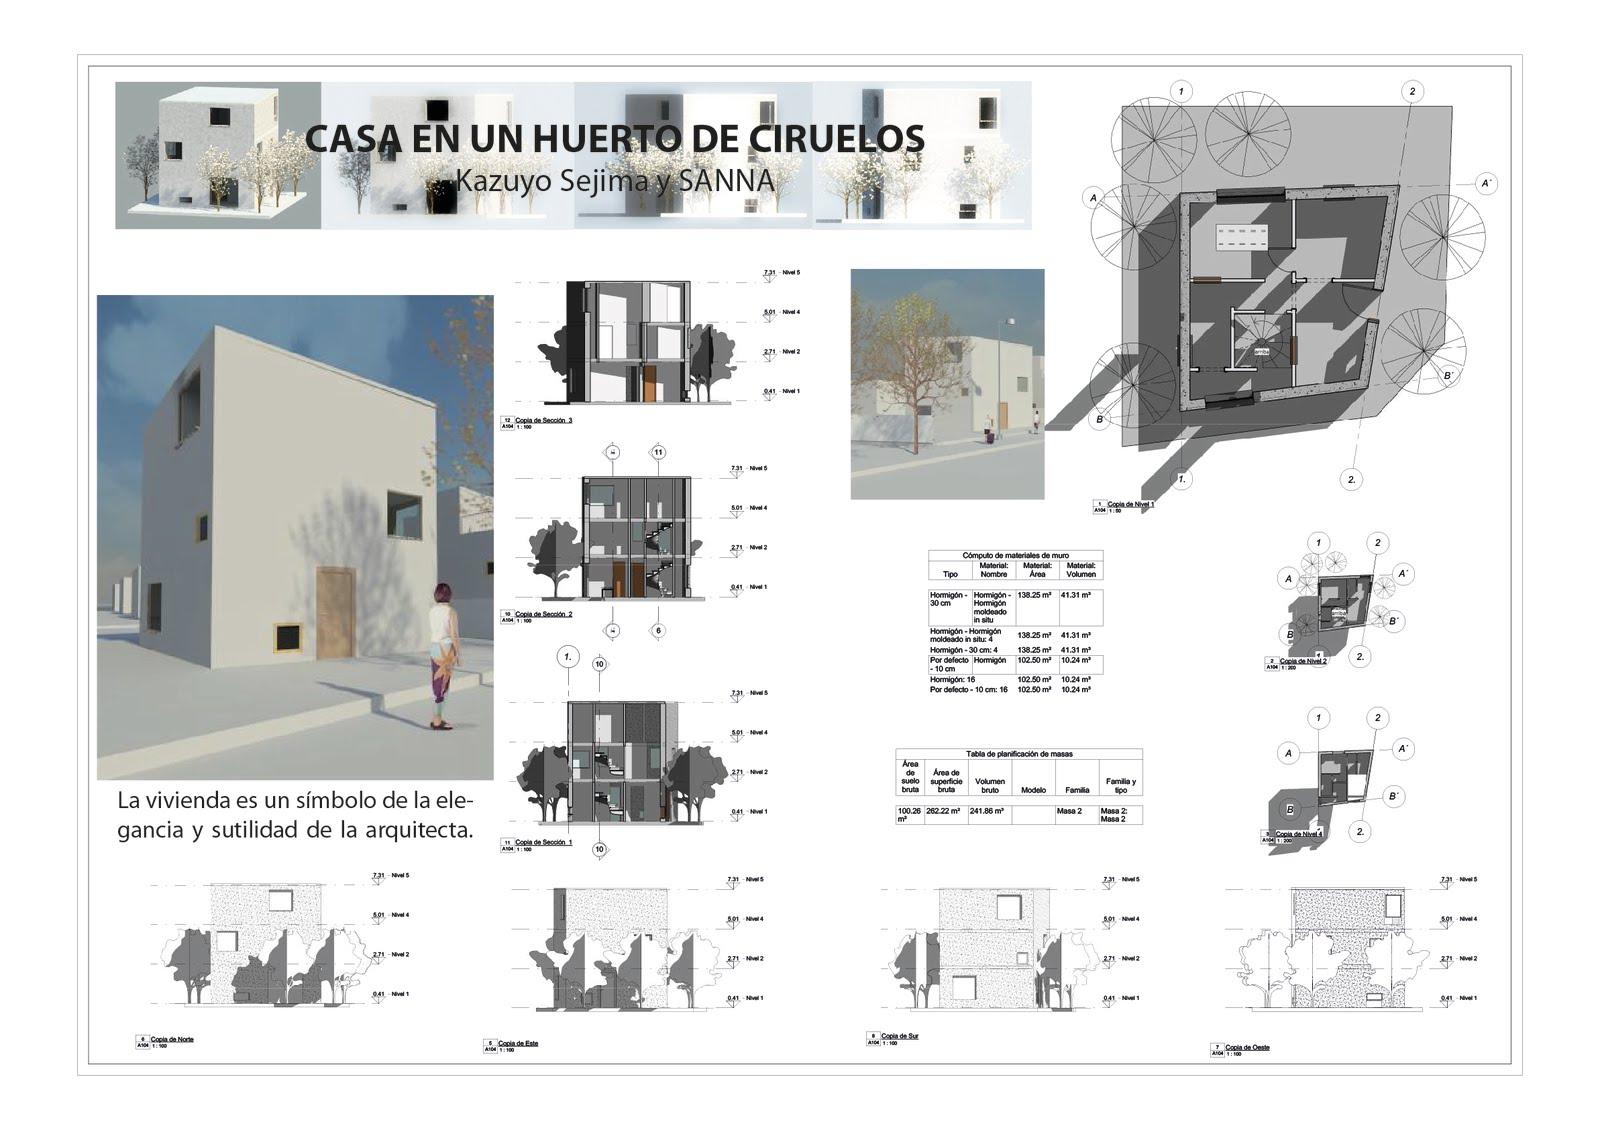 Casa en un huerto de ciruelos l mina de la casa en un for Casa vivienda jardin pdf